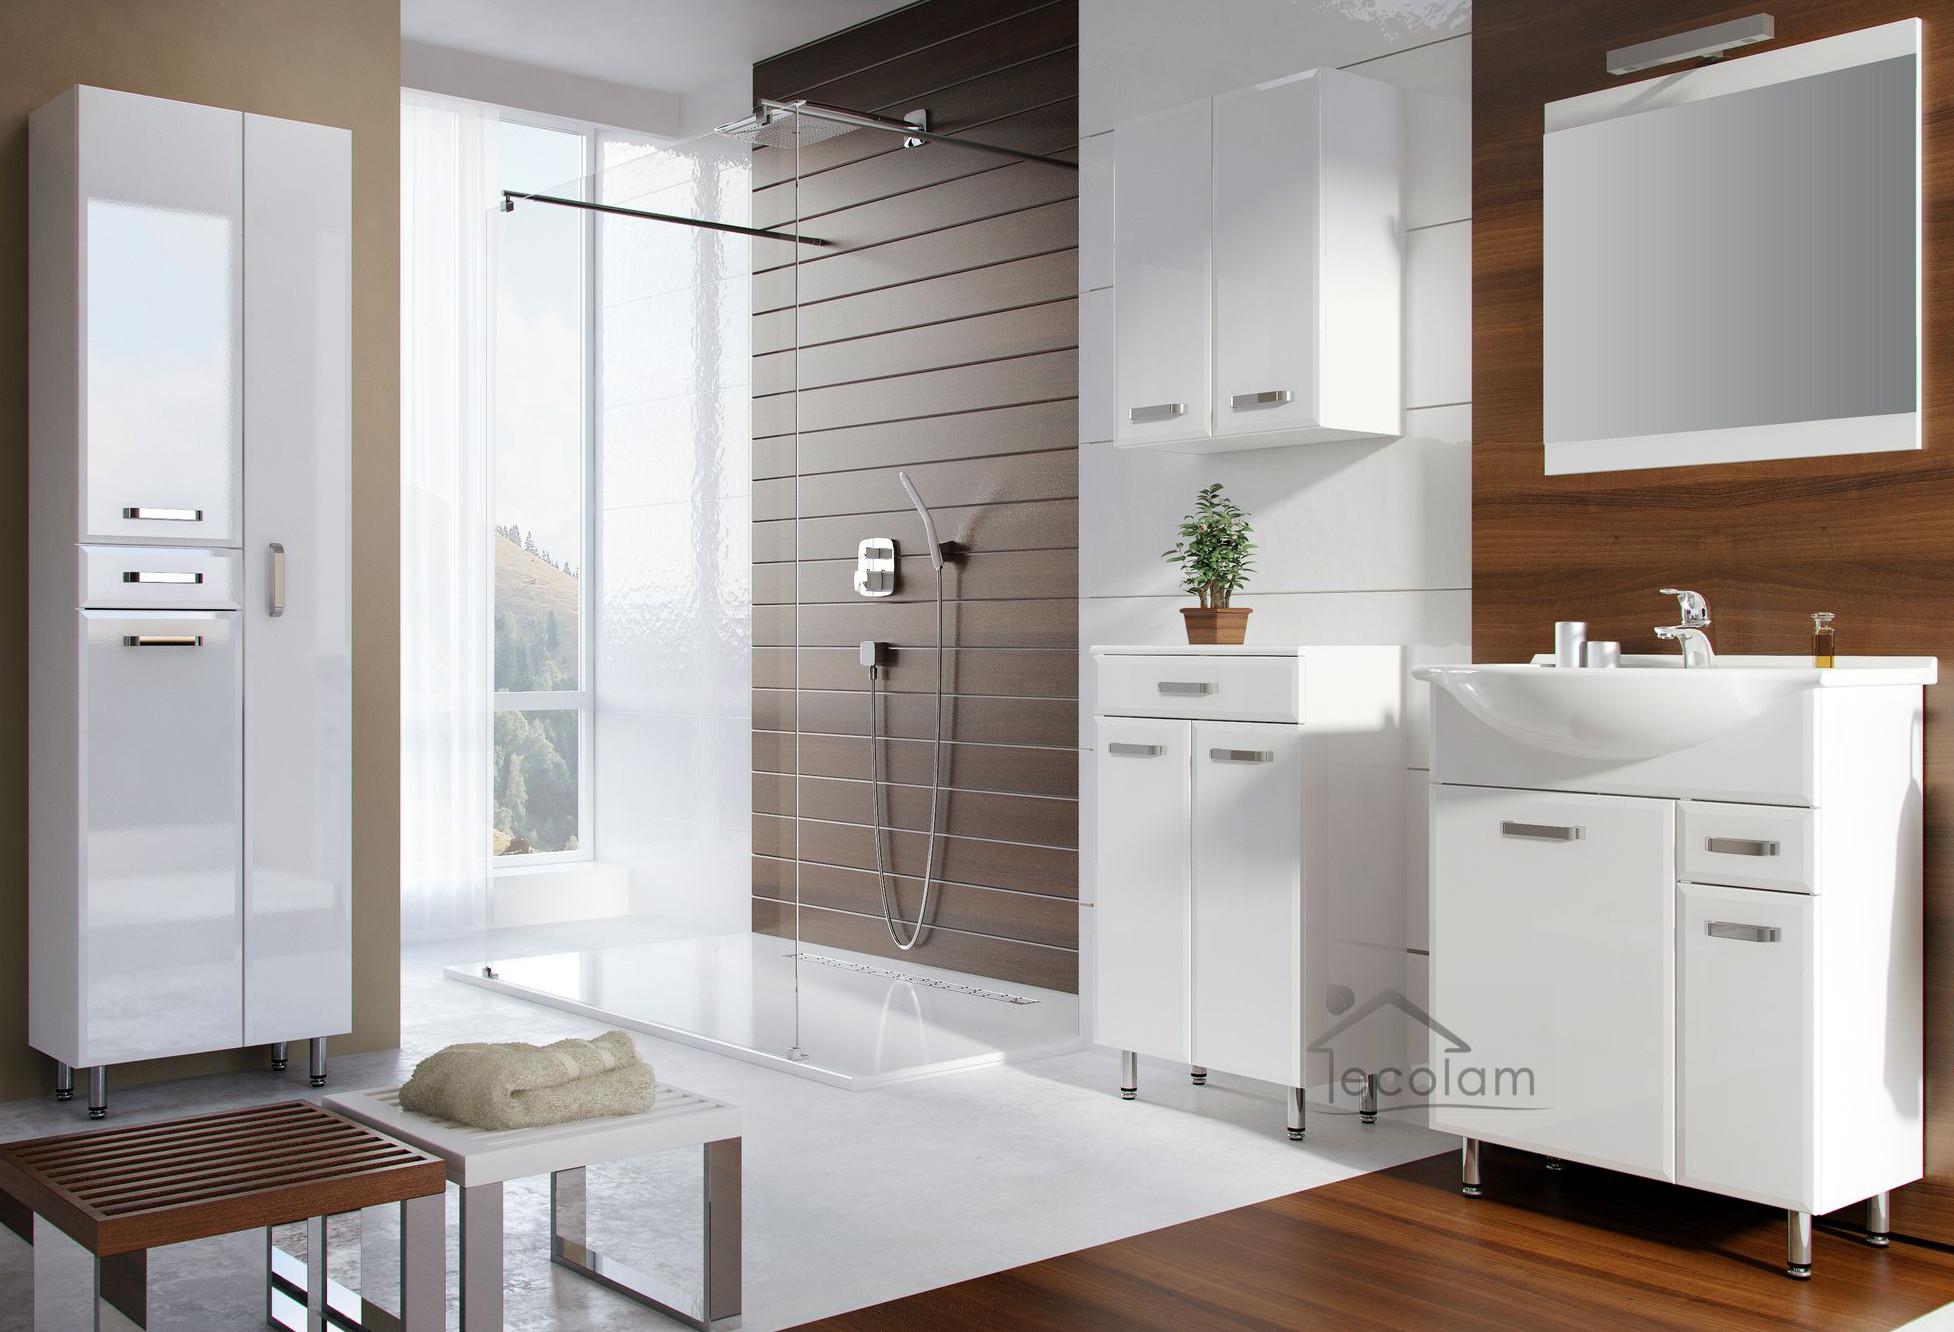 badm bel waschbecken 65 cm waschtisch waschbeckenunterschrank schublade wei 5902574447692 ebay. Black Bedroom Furniture Sets. Home Design Ideas